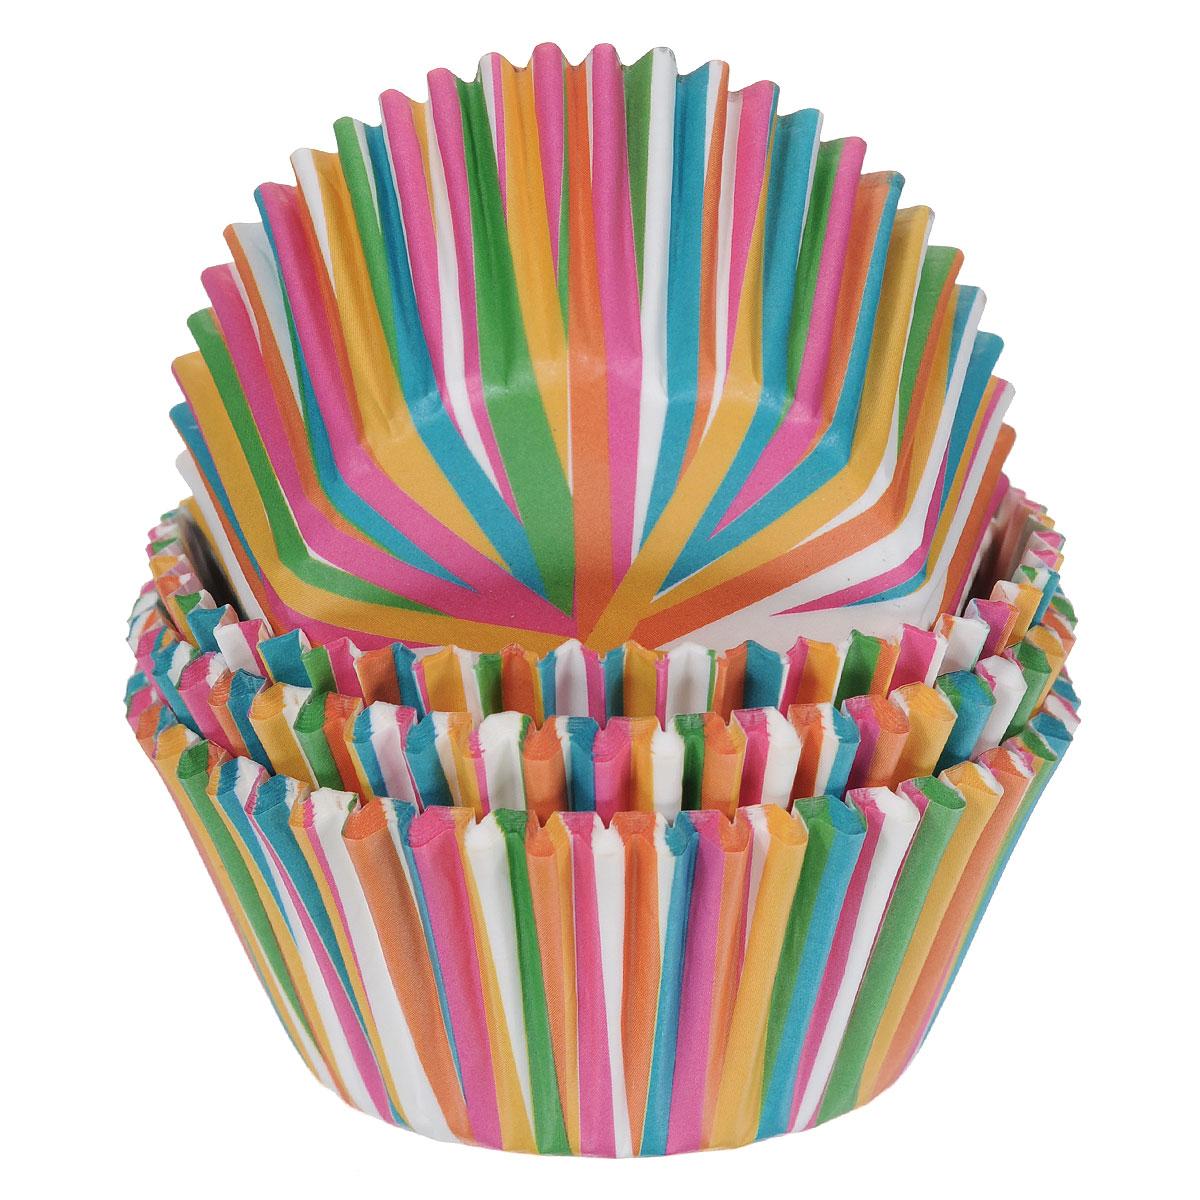 Набор бумажных форм для кексов Wilton Цветное колесо, диаметр 7 см, 75 штWLT-415-1868Бумажные формы Wilton Цветное колесо используются для выпечки, украшения и упаковки кондитерских изделий, сервировки конфет, орешков, десертов. Края форм гофрированные. С такими формами вы всегда сможете порадовать своих близких оригинальной выпечкой.